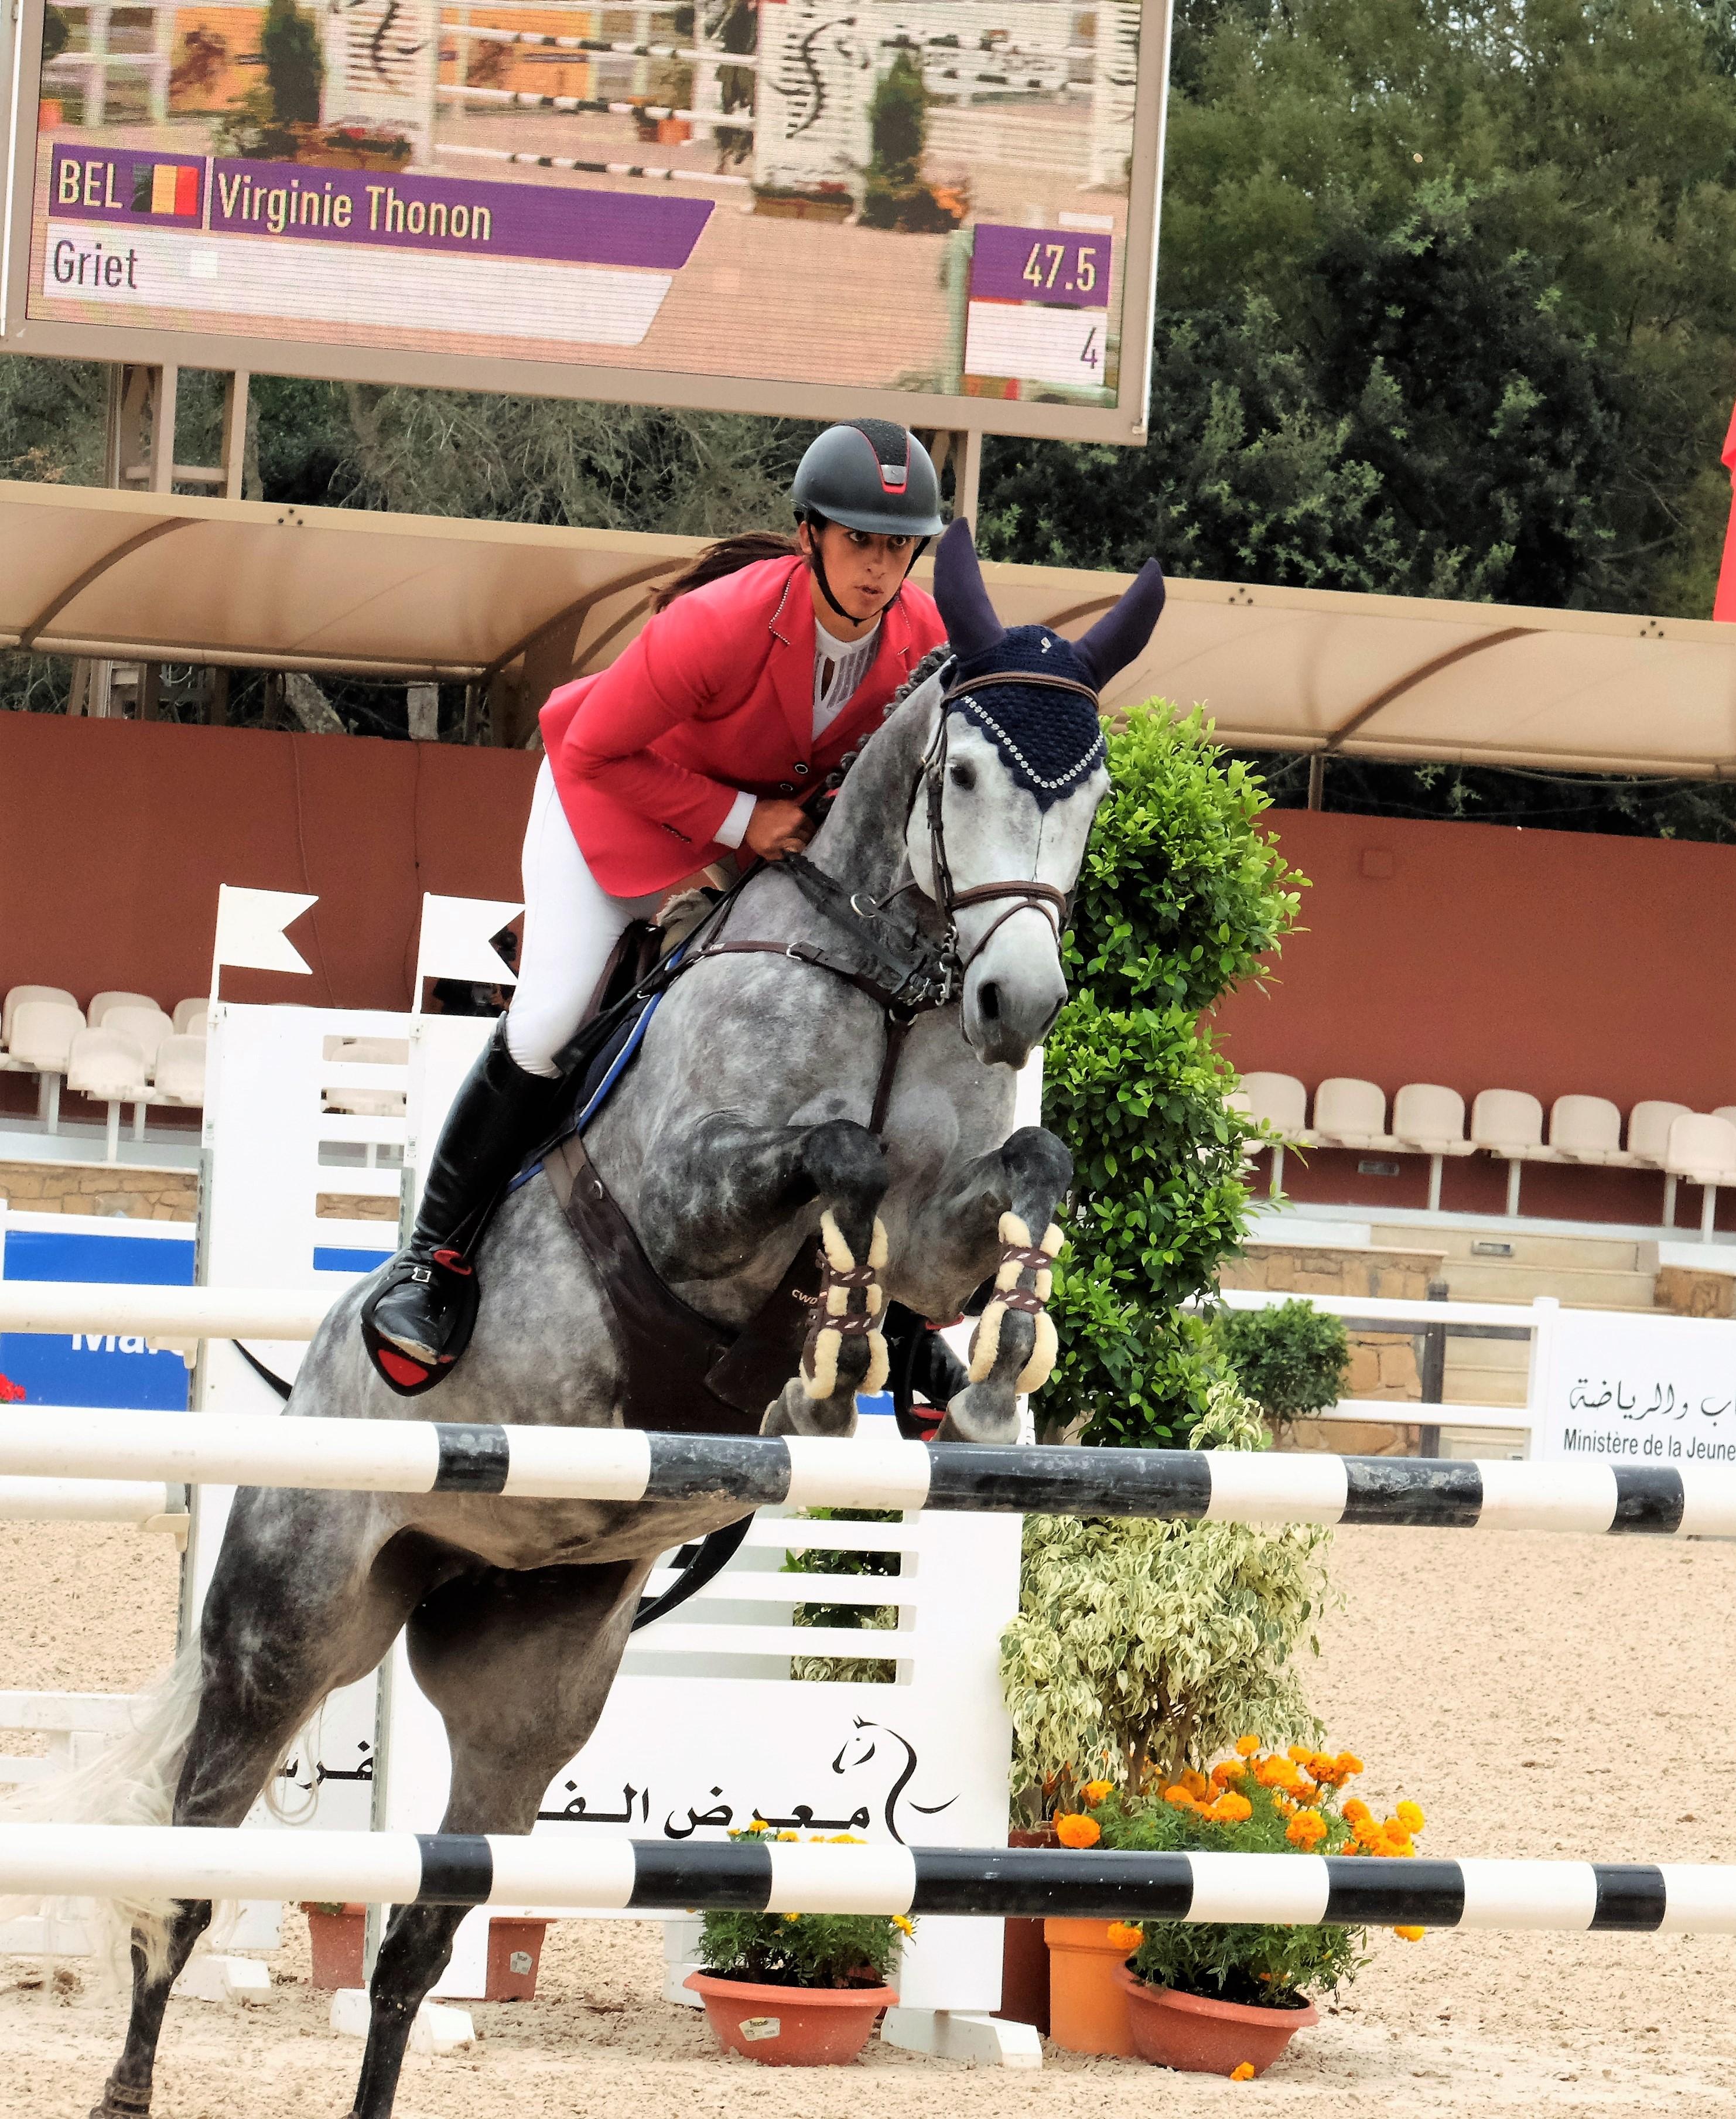 Virginie Thonon et Griet remportent la victoire à Oliva